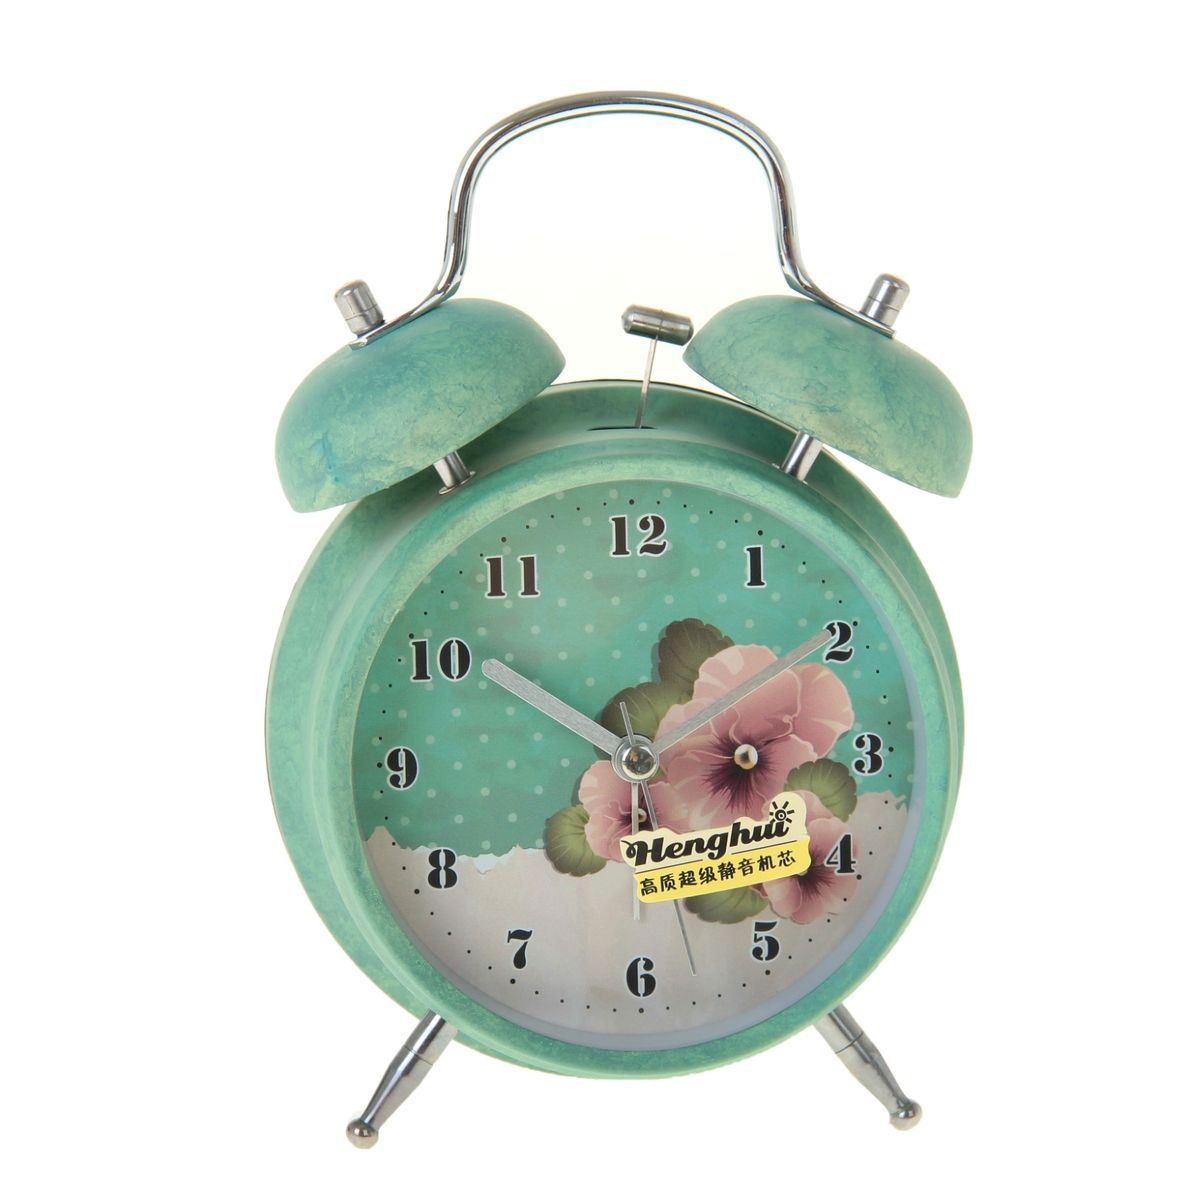 Часы-будильник Sima-land. 906610906610Как же сложно иногда вставать вовремя! Всегда так хочется поспать еще хотя бы 5 минут и бывает, что мы просыпаем. Теперь этого не случится! Яркий, оригинальный будильник Sima-land поможет вам всегда вставать в нужное время и успевать везде и всюду. Время показывает точно и будит в установленный час. Будильник украсит вашу комнату и приведет в восхищение друзей. На задней панели будильника расположены переключатель включения/выключения механизма и два колесика для настройки текущего времени и времени звонка будильника. Также будильник оснащен кнопкой, при нажатии и удержании которой, подсвечивается циферблат.Будильник работает от 1 батарейки типа AA напряжением 1,5V (не входит в комплект).